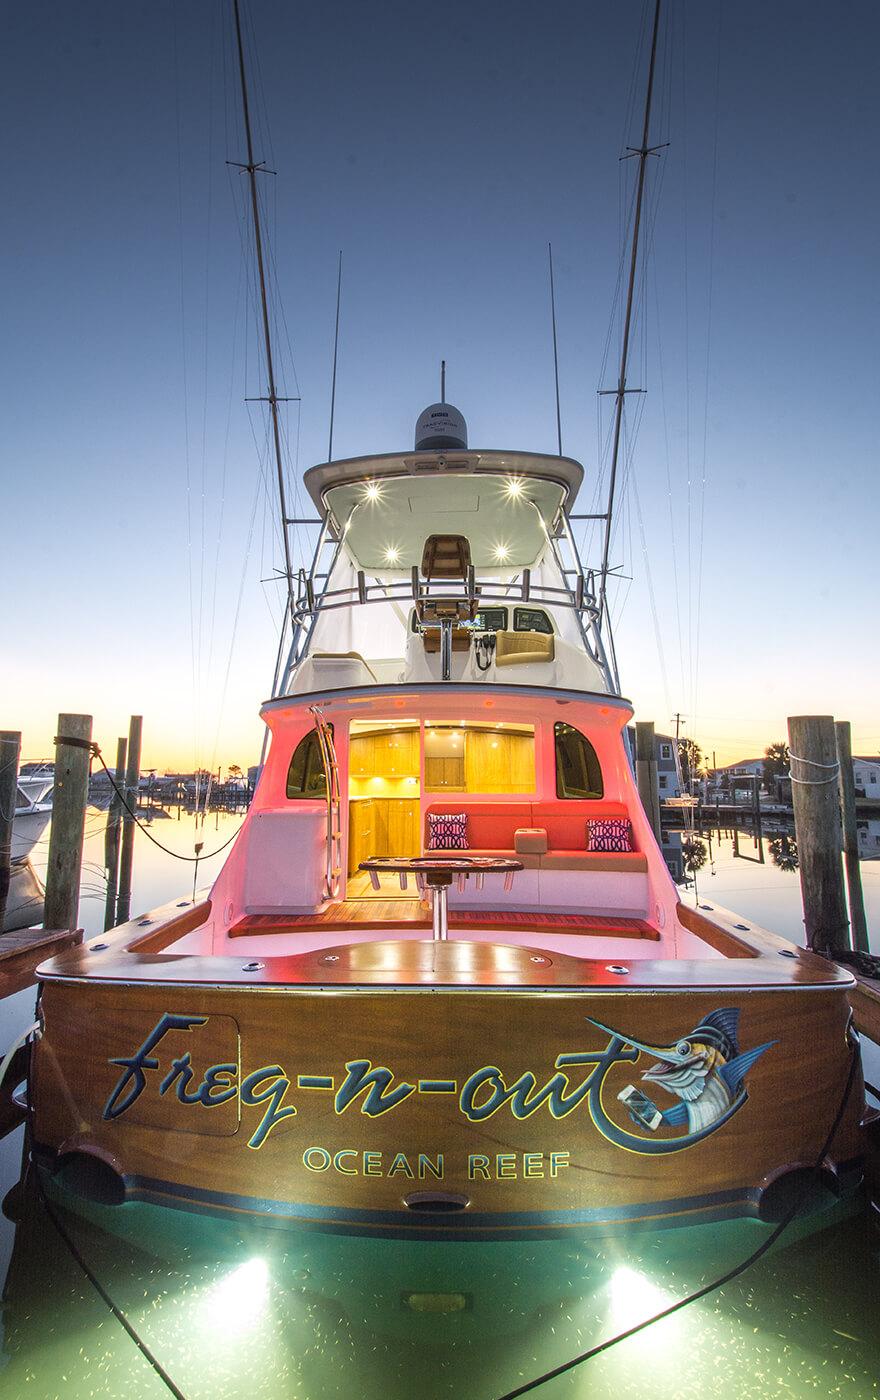 Freq n out Ocean Reef Boat Transom